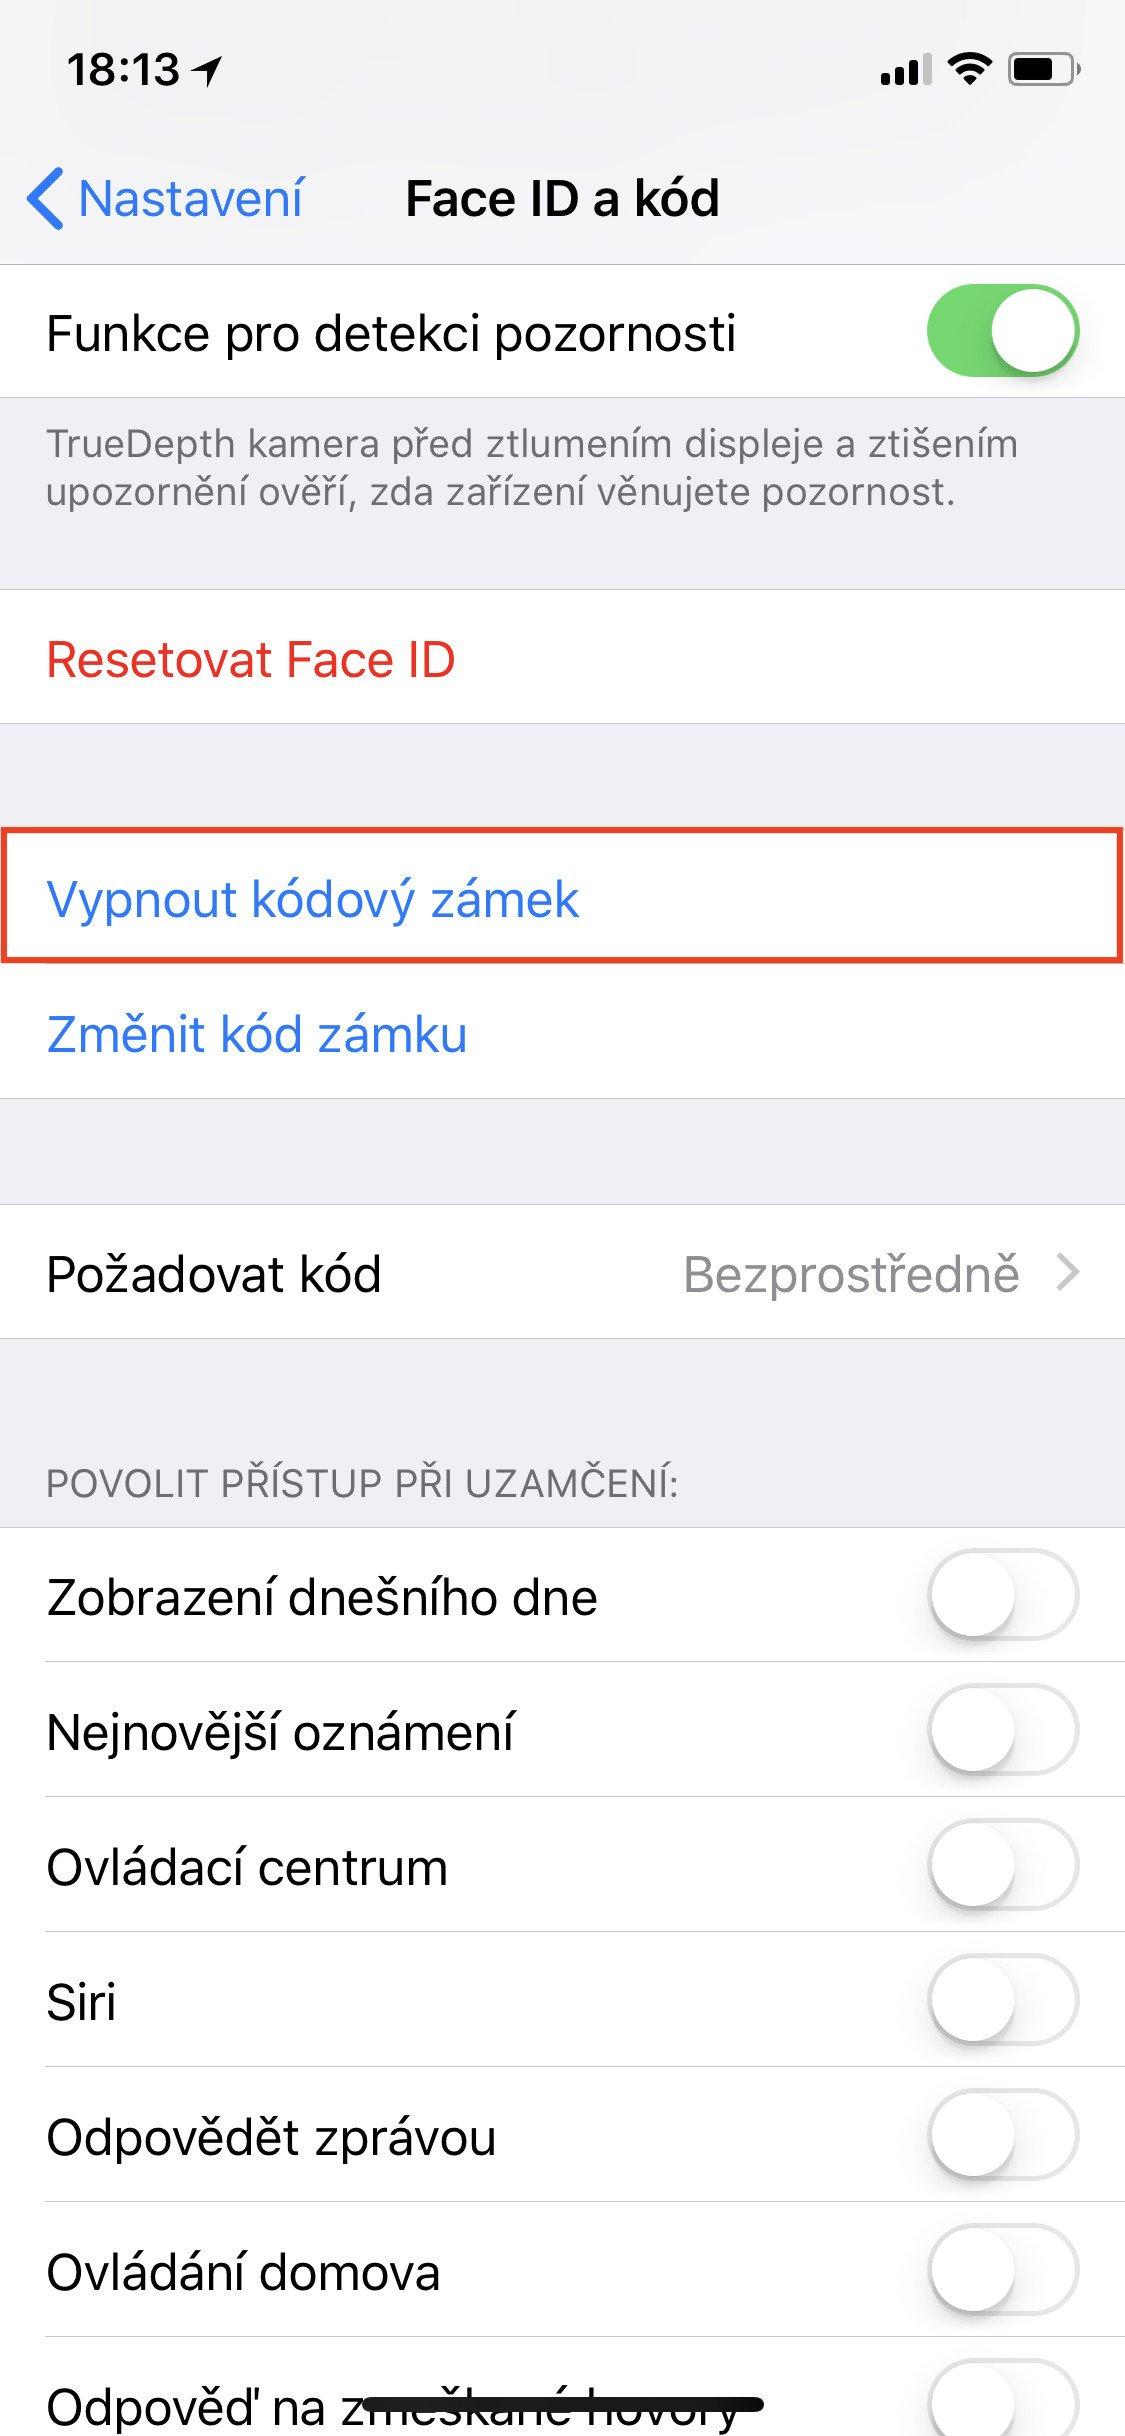 Obrazovka iOS Face ID a kód s vybranou položkou Vypnout kódový zámek